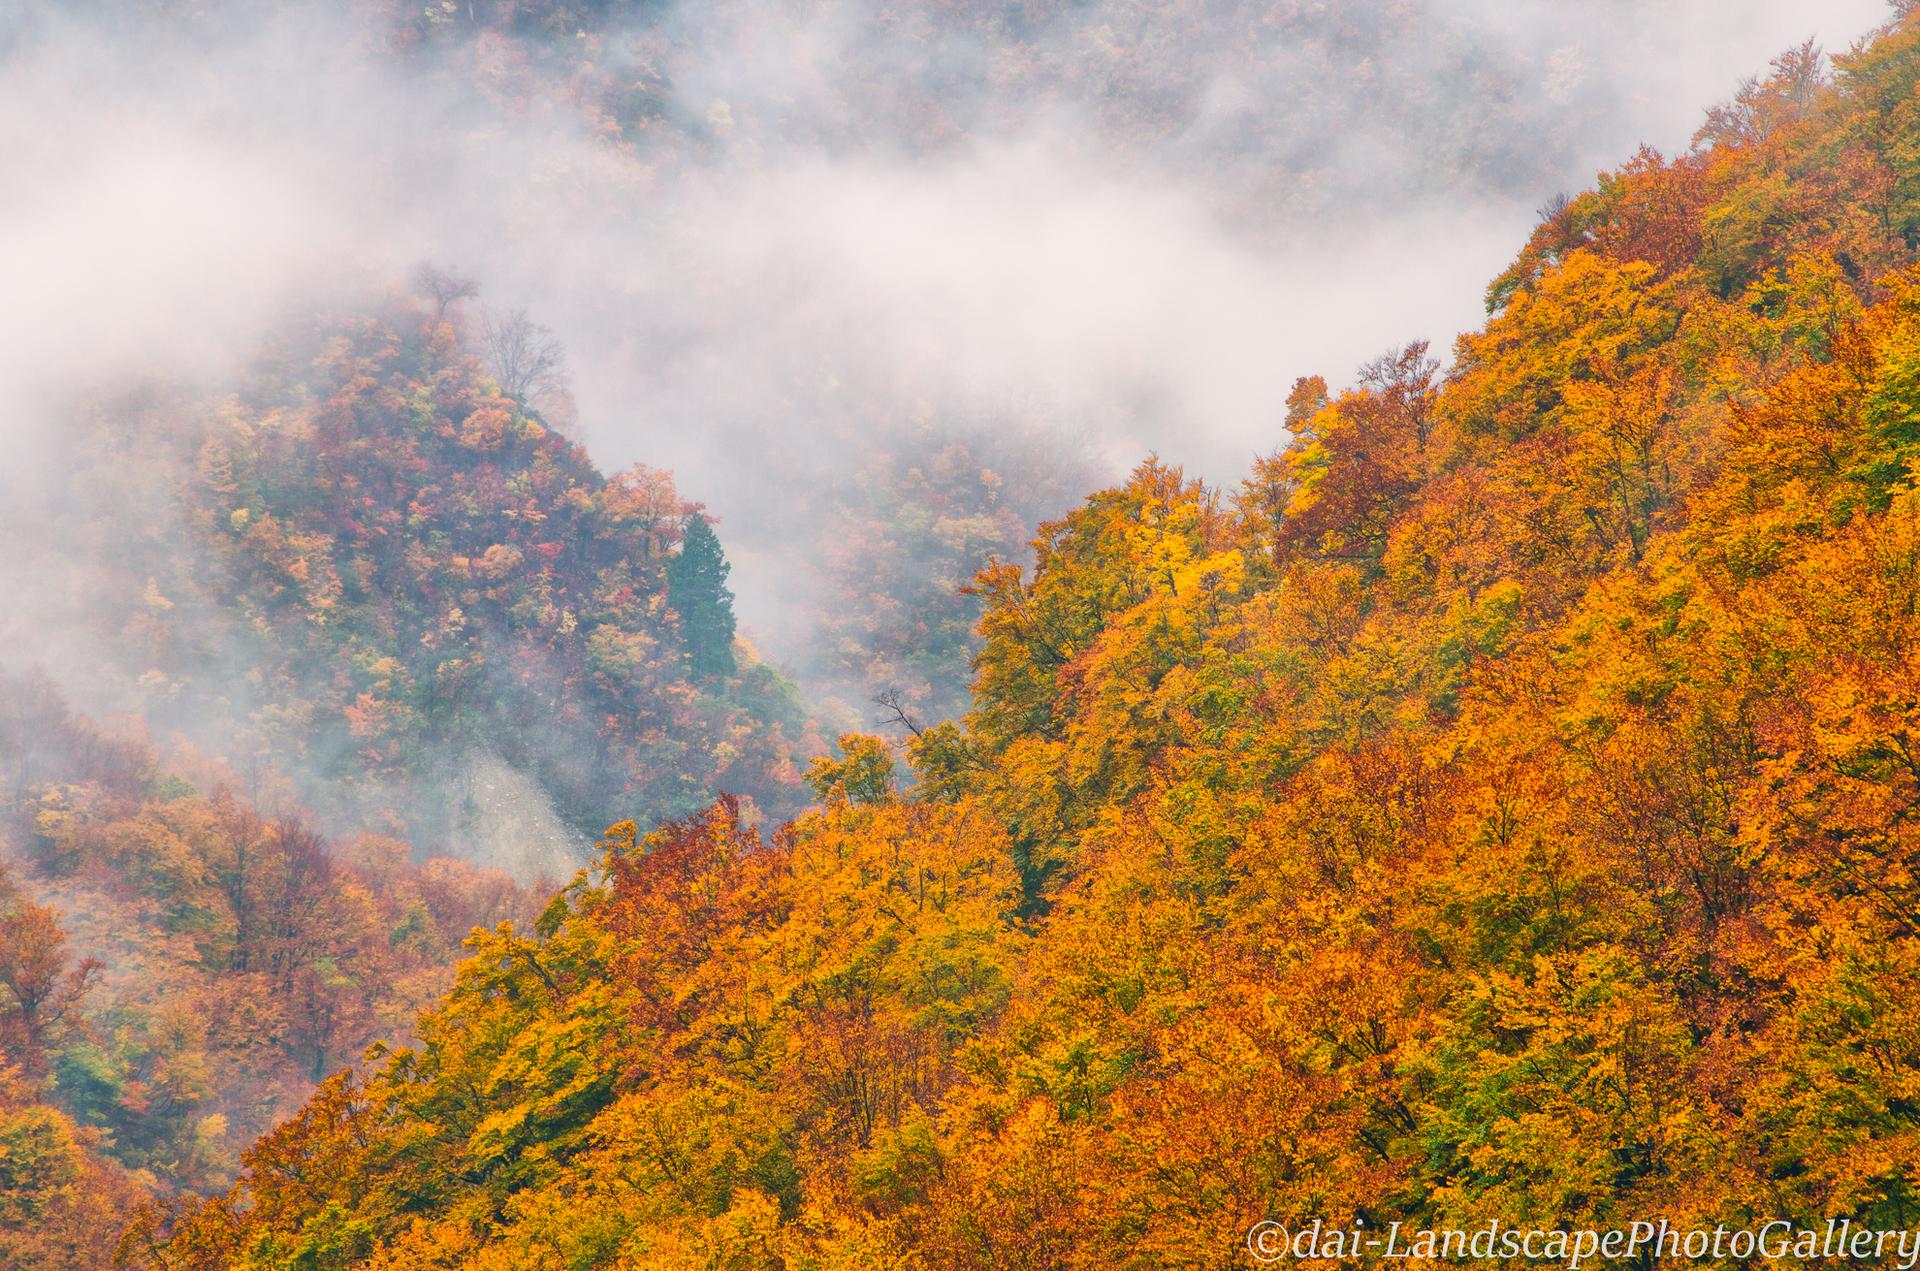 富山桂湖周辺の紅葉風景